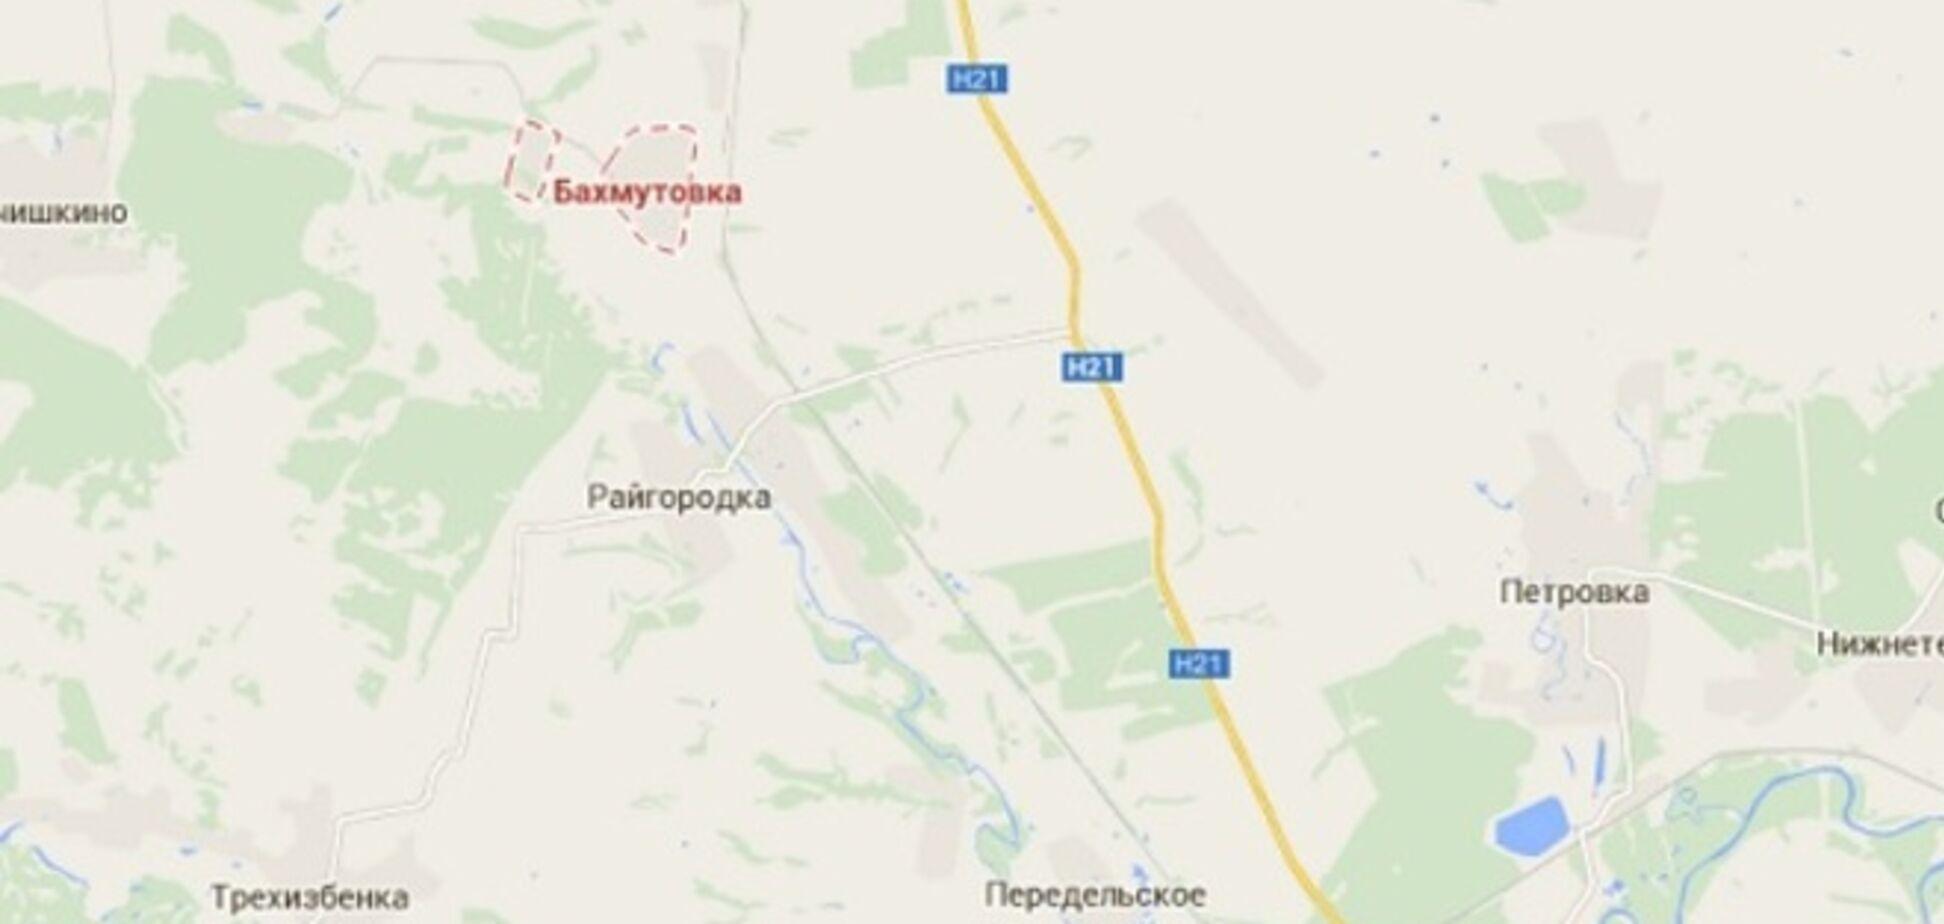 Террористы пытаются взять контроль над территорией вдоль Северского Донца